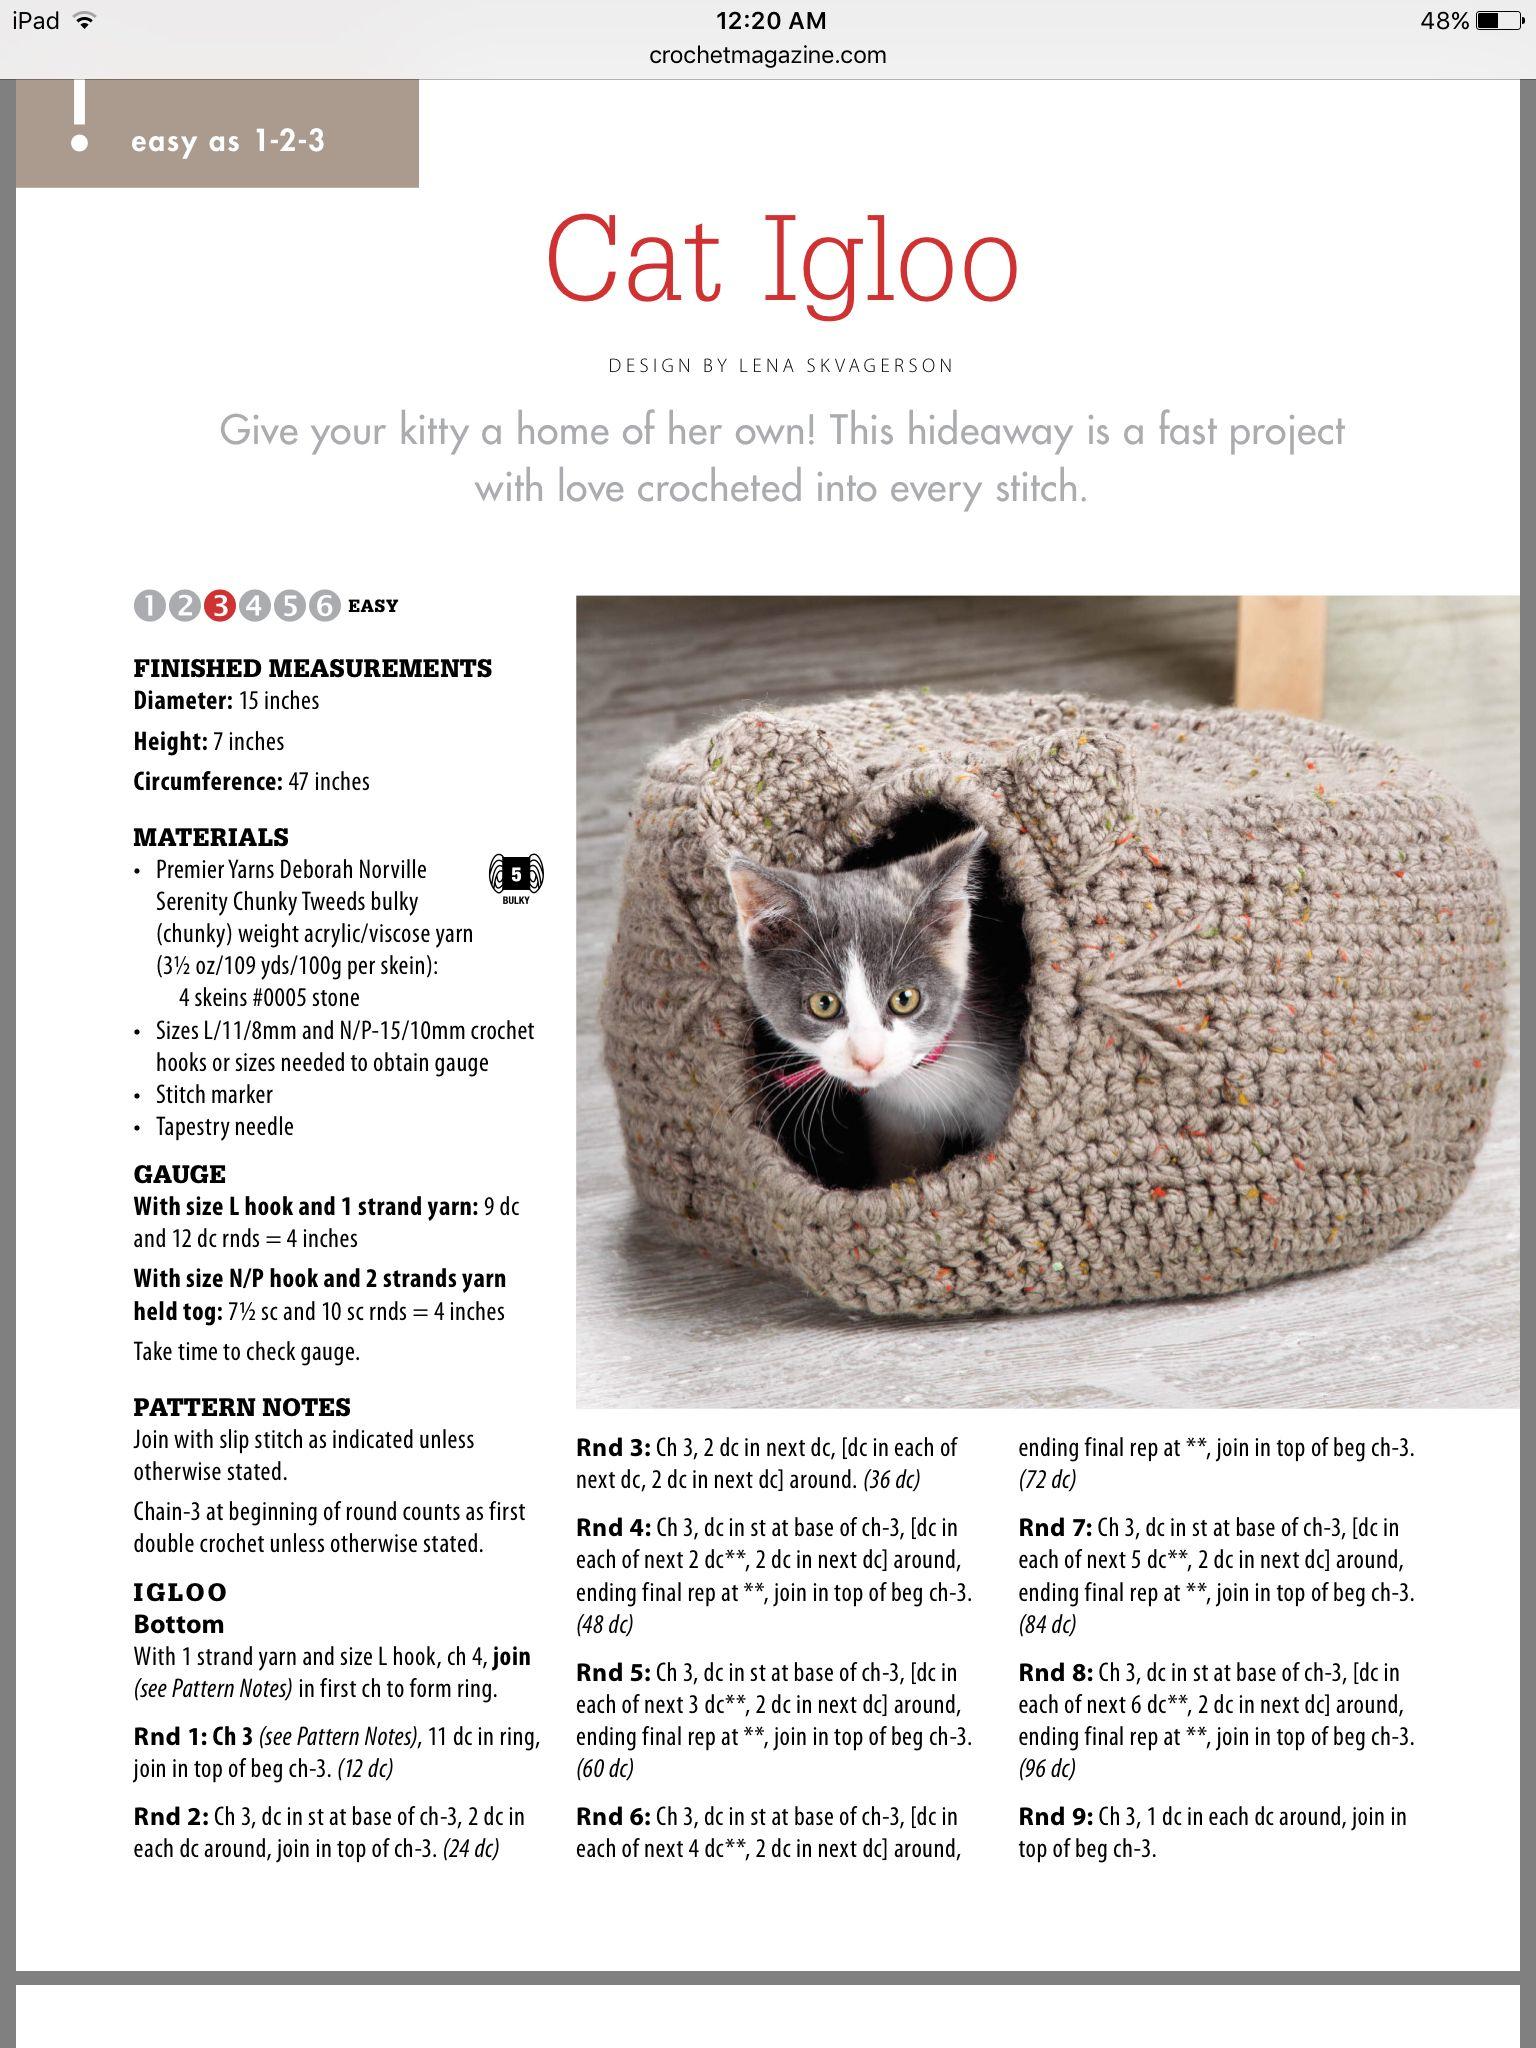 Crochet Cat Igloo PDF | crochetmagazine.com | crochet2 | Pinterest ...